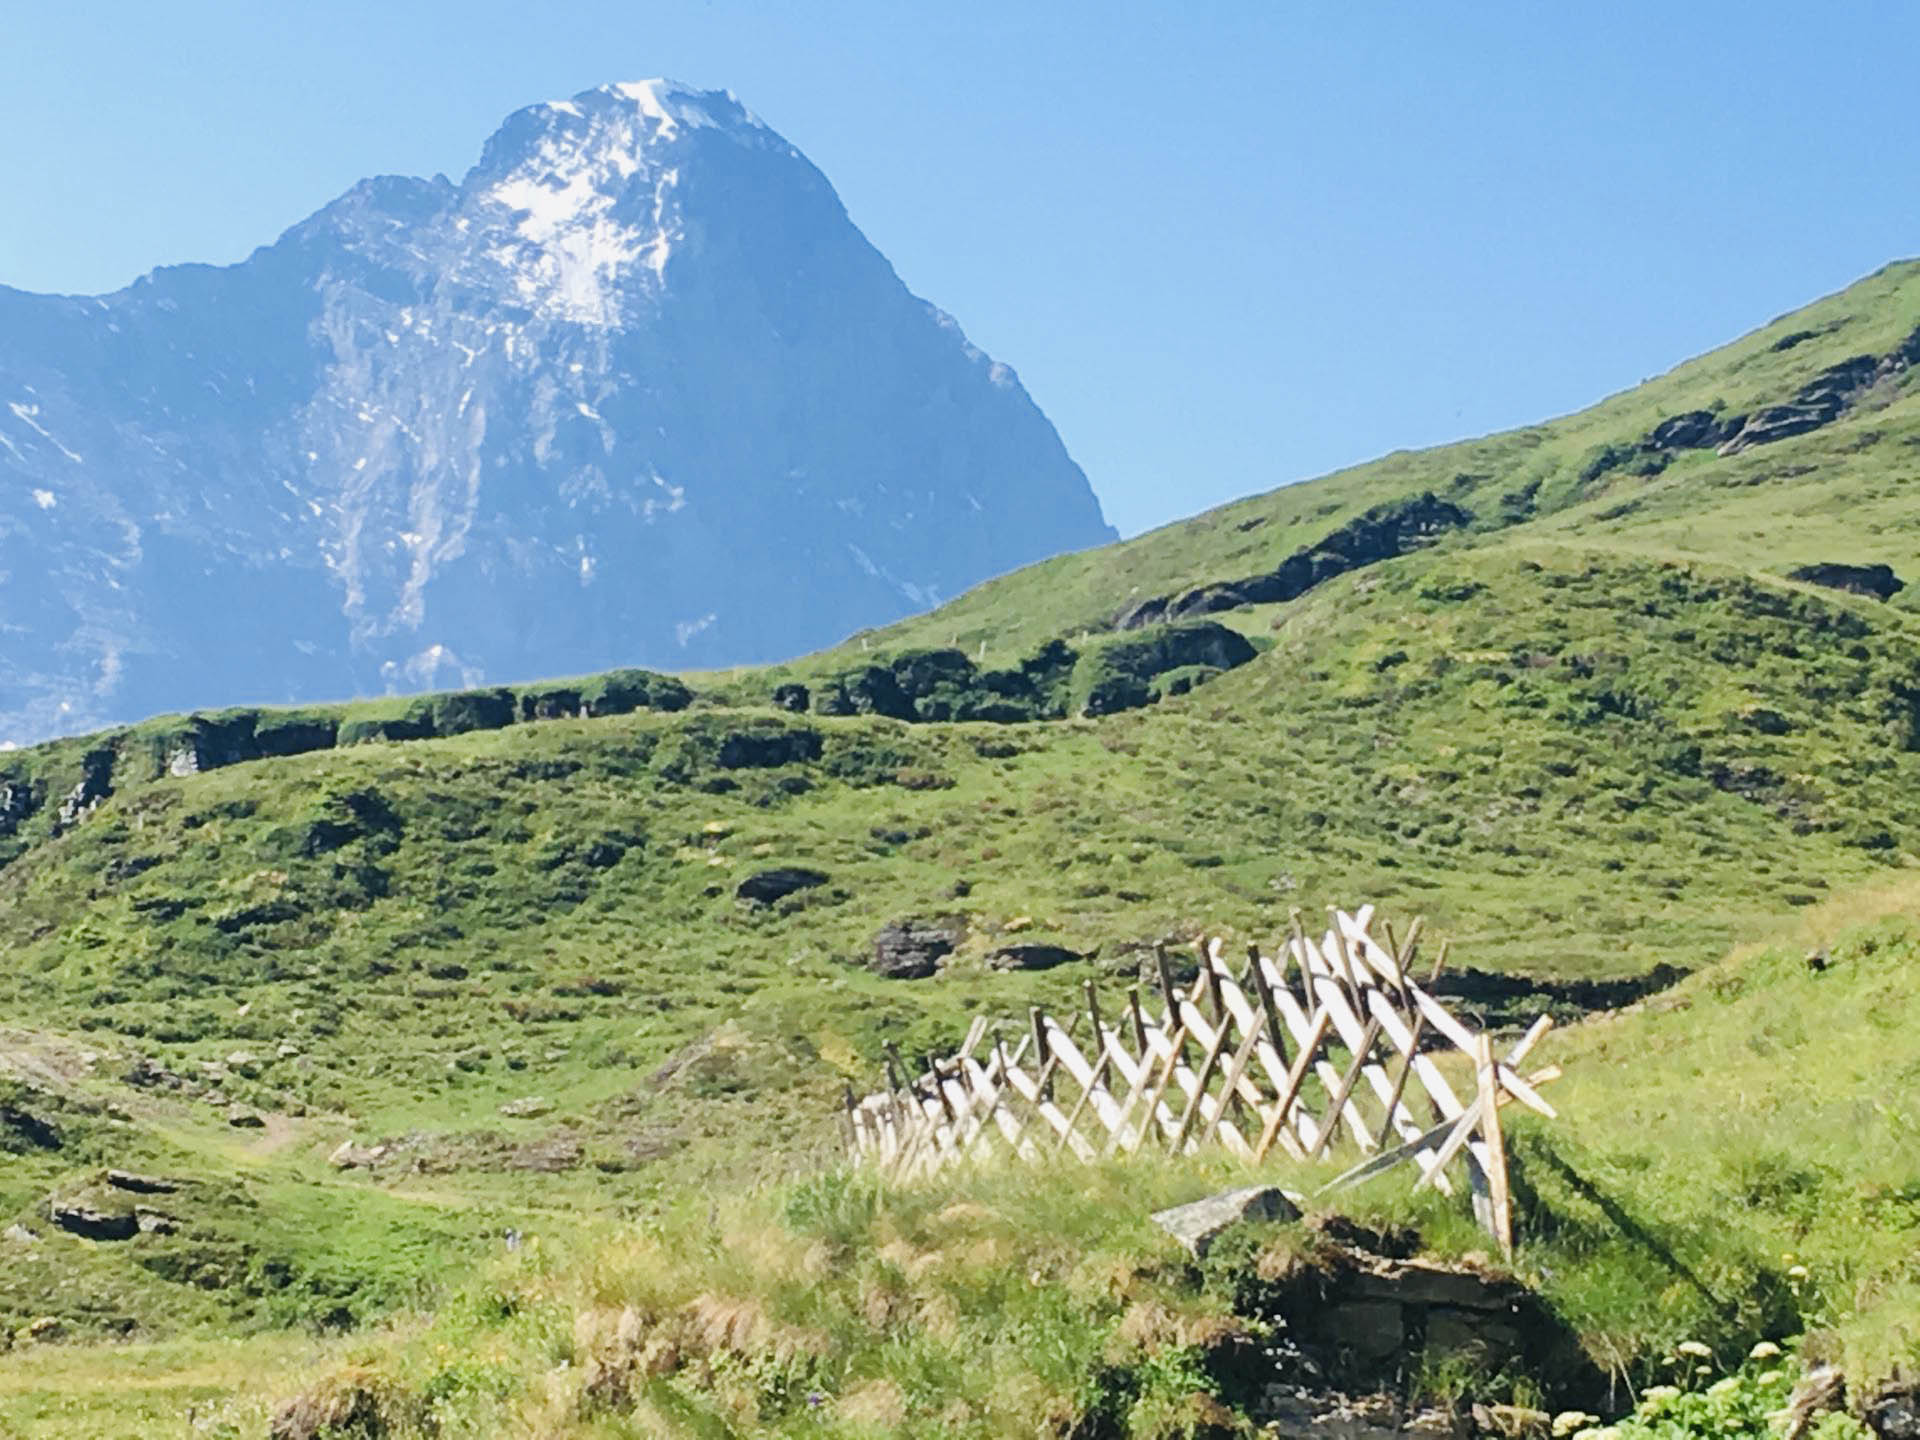 Ferienwohnung Chalet Anemone Grindelwald-Scharhag Eiger